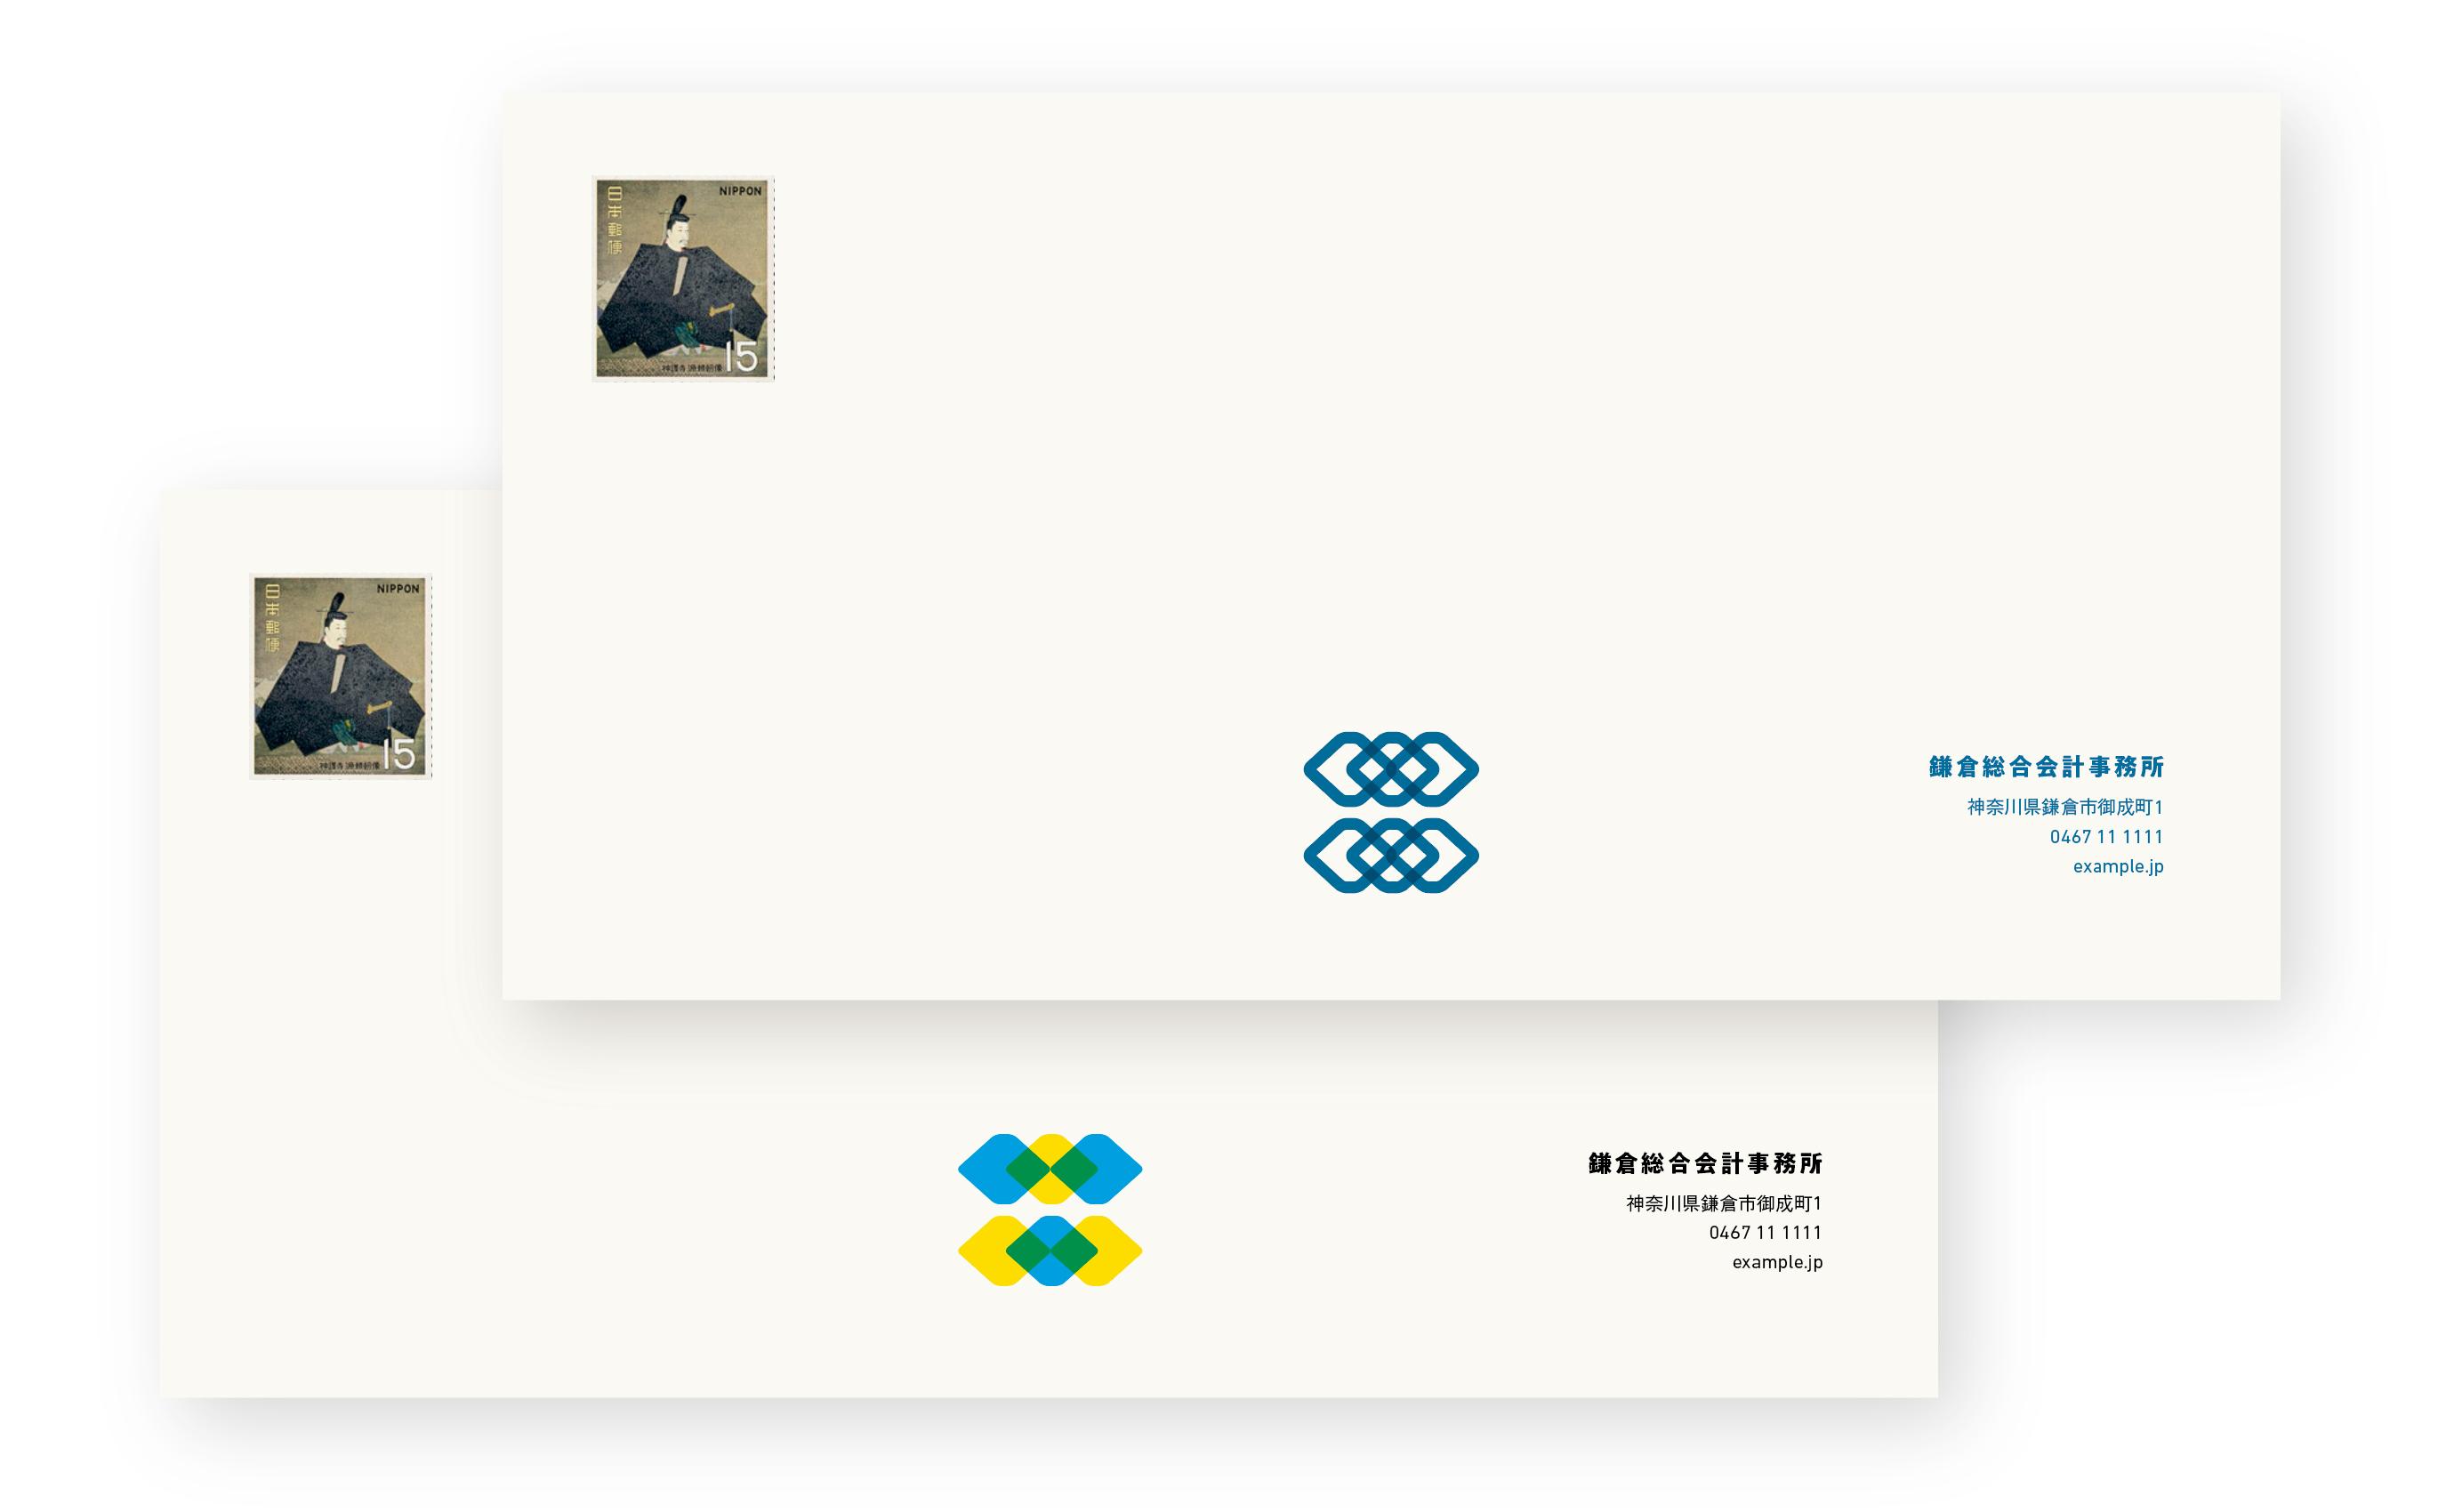 鎌倉総合会計事務所|CIロゴシンボルデザイン長3封筒デザイン|神奈川県鎌倉市